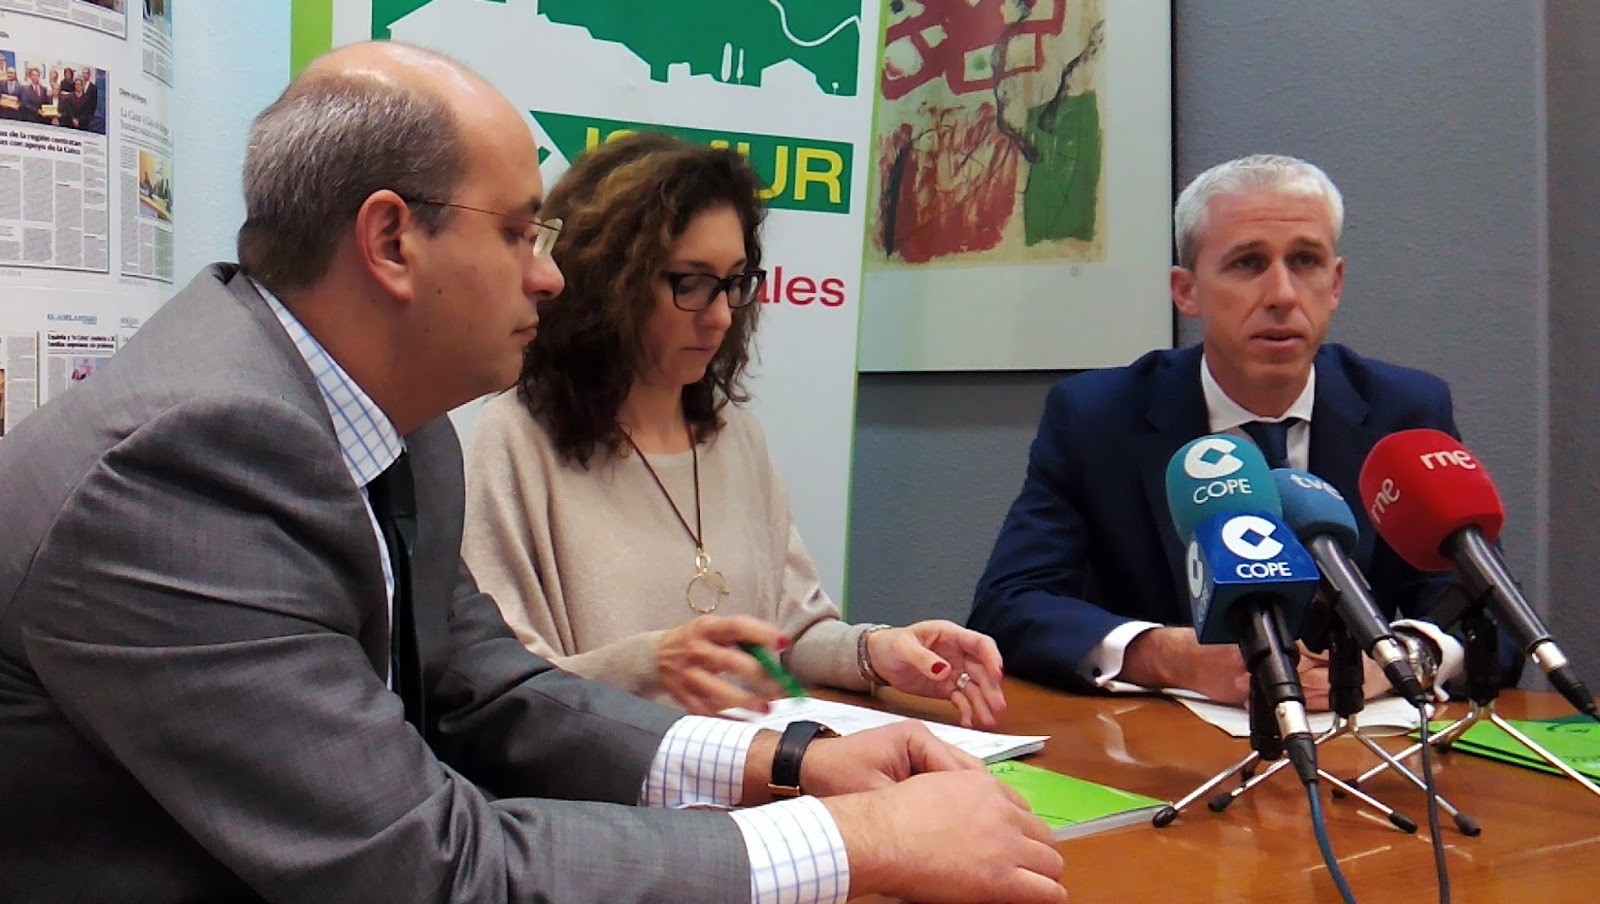 Laura Lázaro, en el centro, con los responsables de La Caixa, José Ángel y Pablo Gómez, durante la presentación